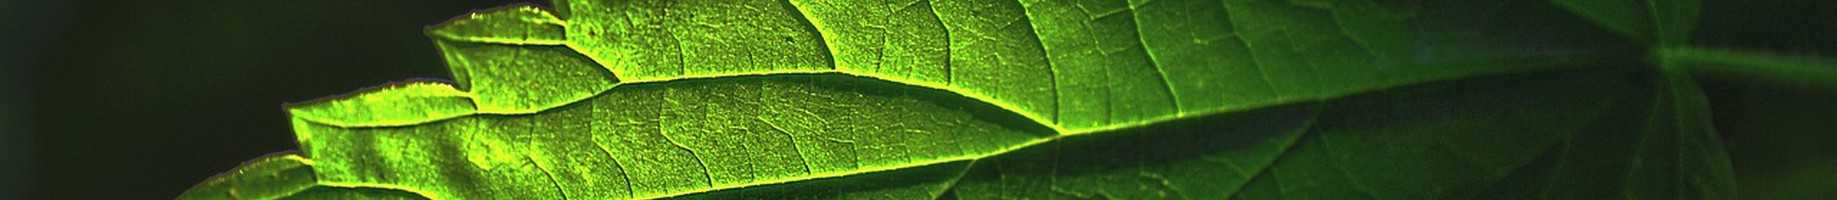 plant-2830739_1280